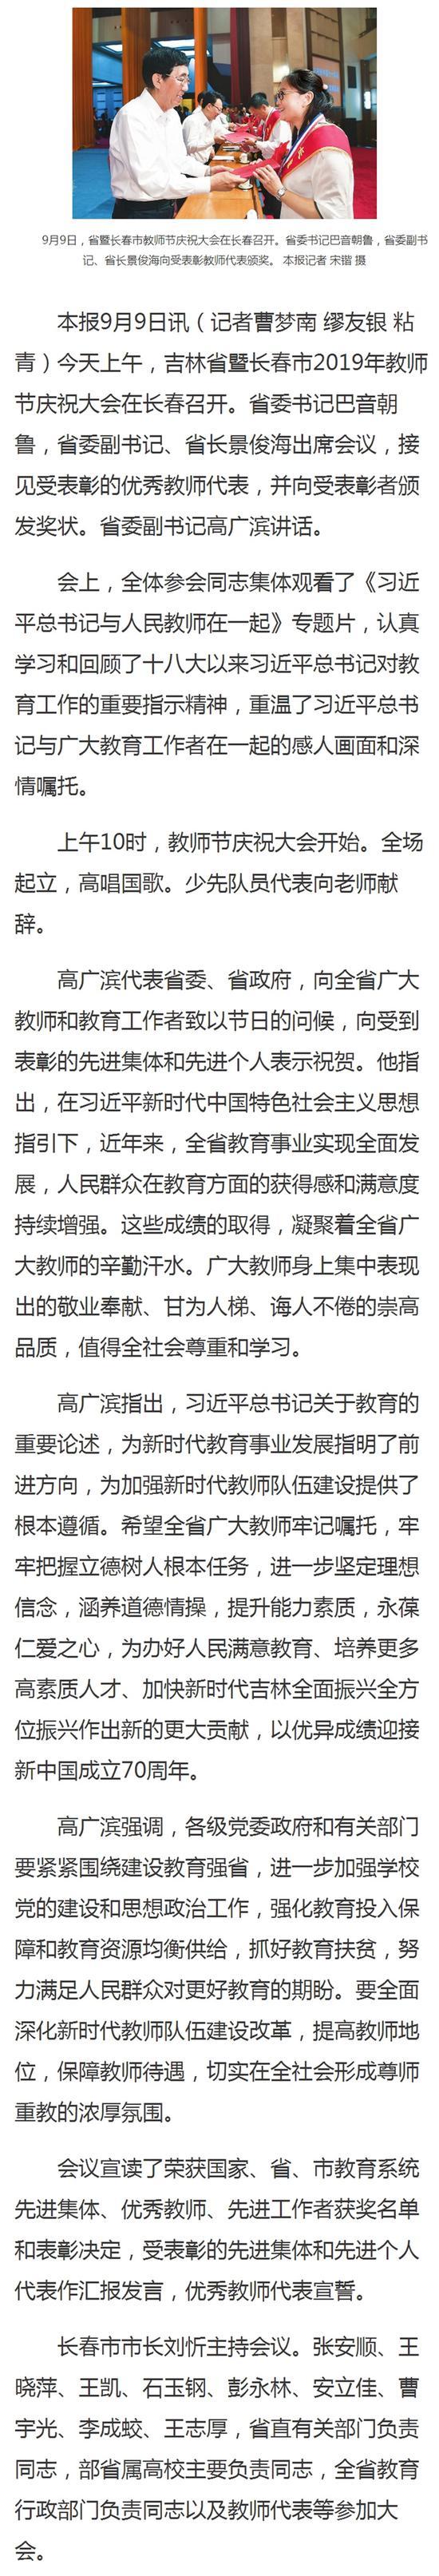 吉林省暨长春市教师节庆祝大会召开